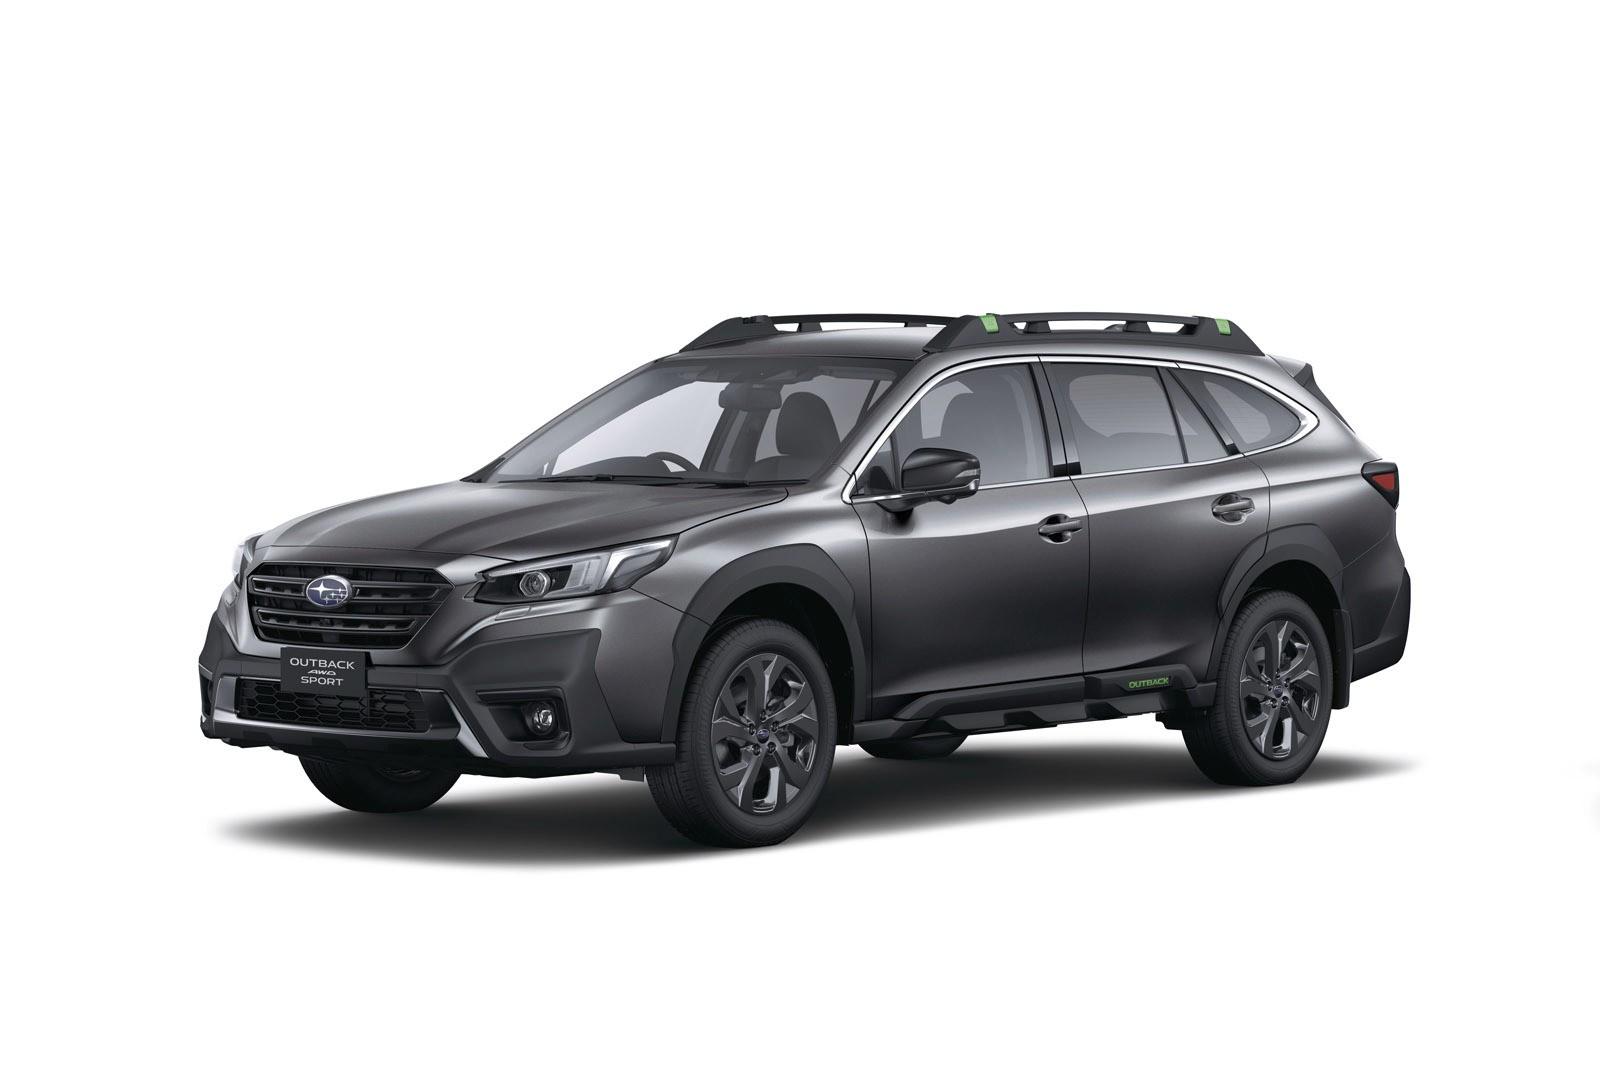 2021 Subaru Outback AWD SPORT MY21 / Automatic (CVT) / Wagon / 2.5L / 4 Cylinder / Petrol / 4x4 / 4 door / Model Year '21 12